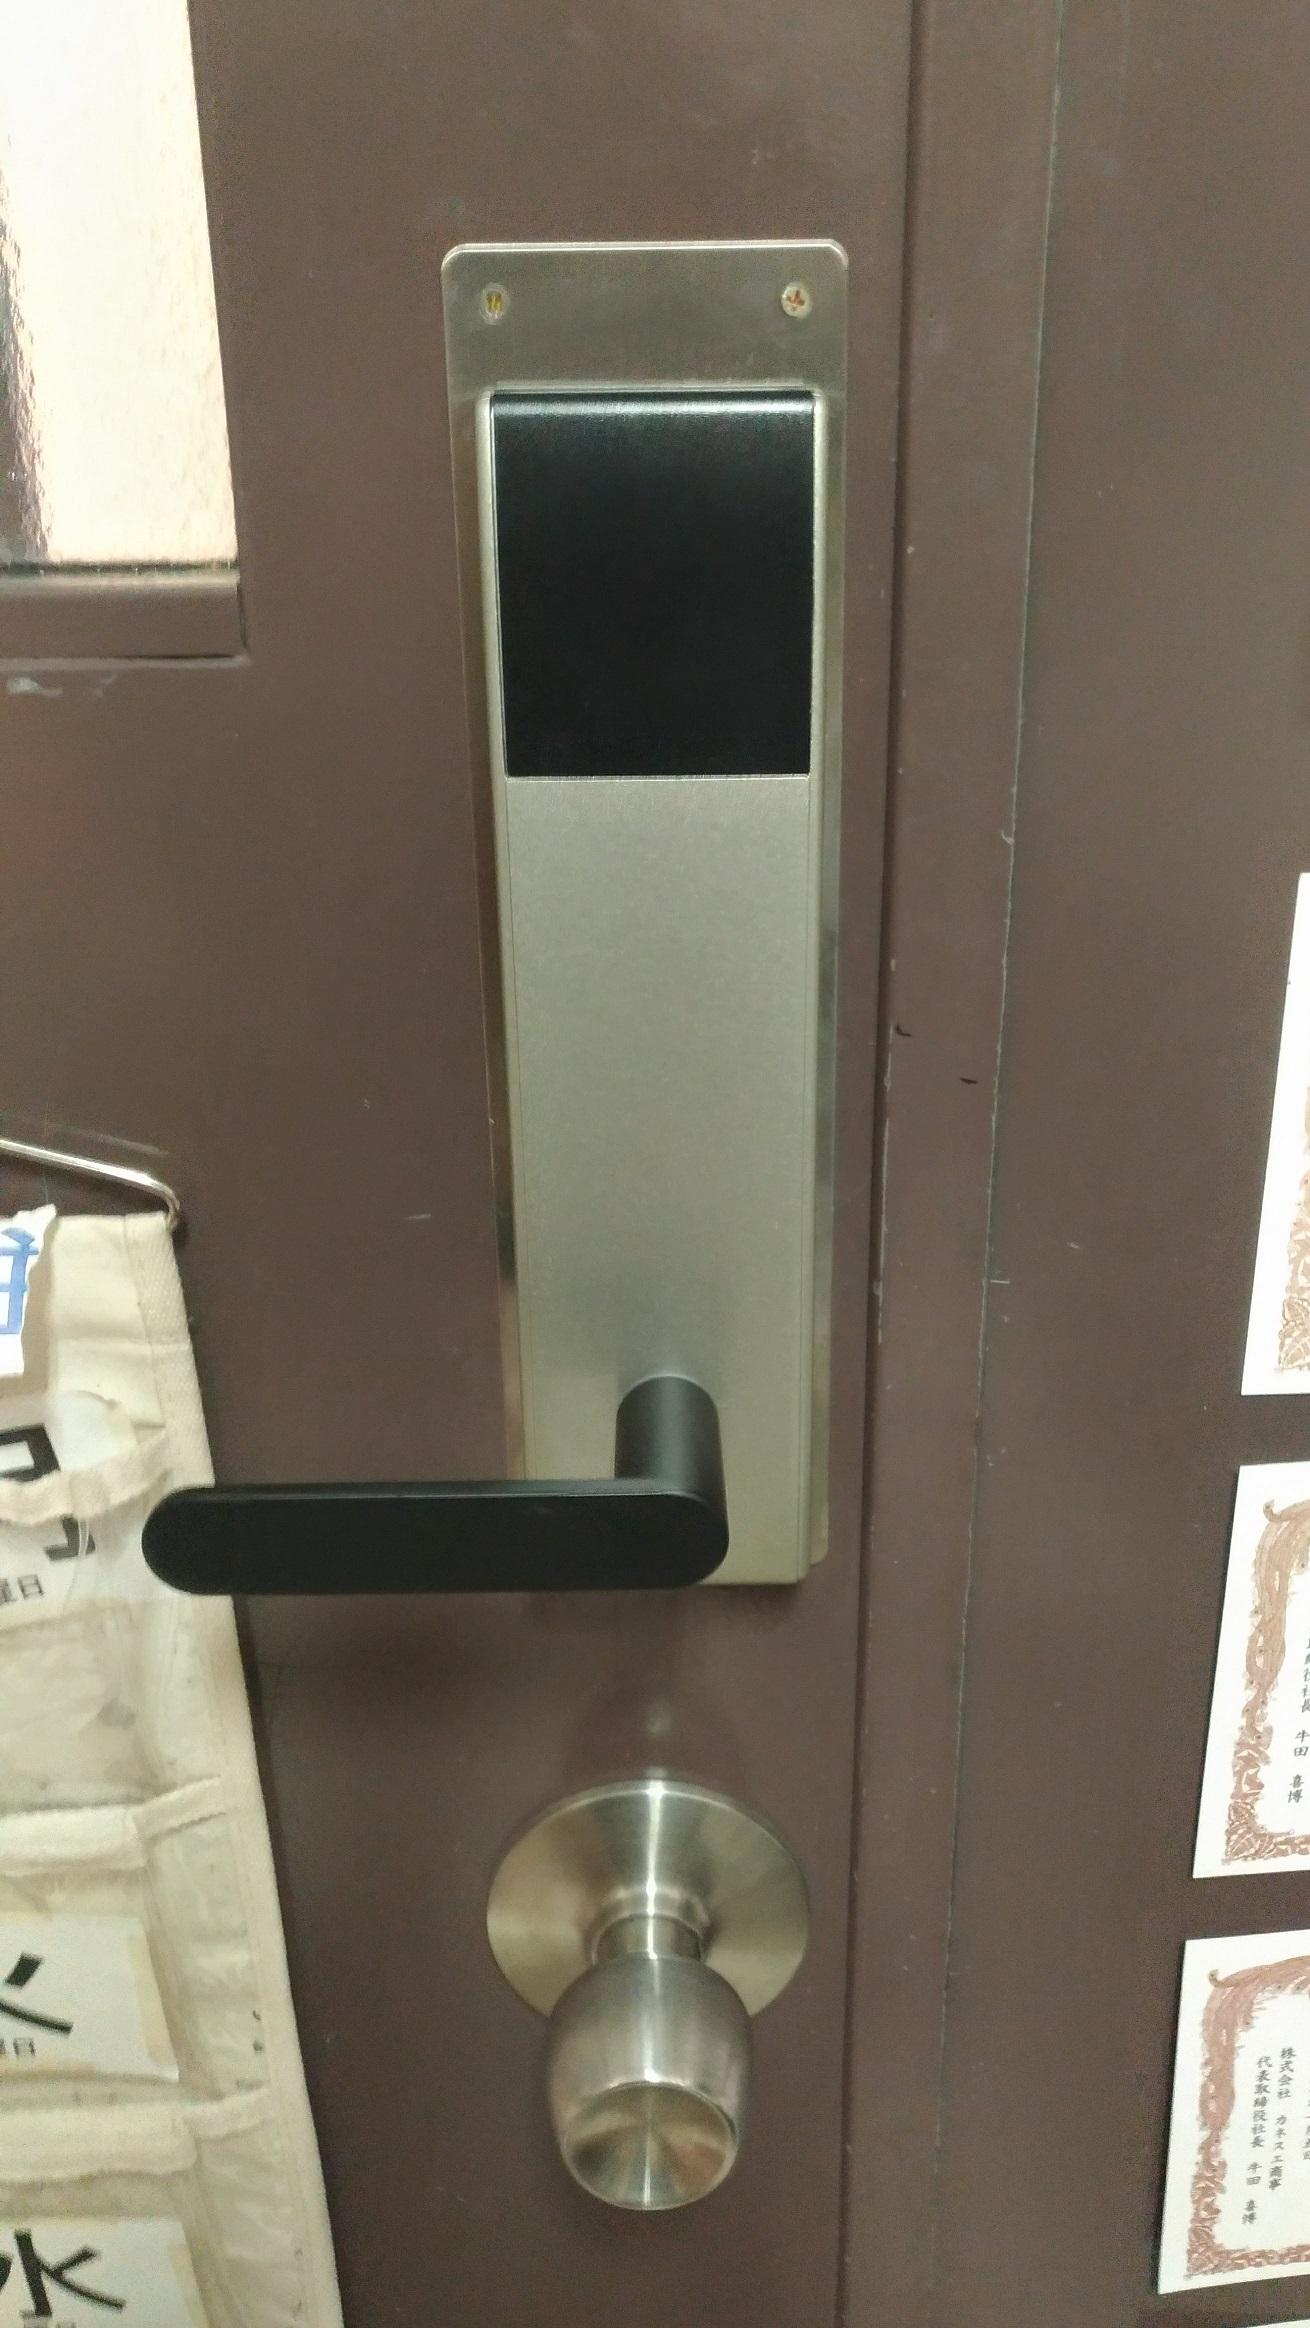 作業後室内側(開けたい場合はレバーを押し下げるだけのためサムターンはありません)